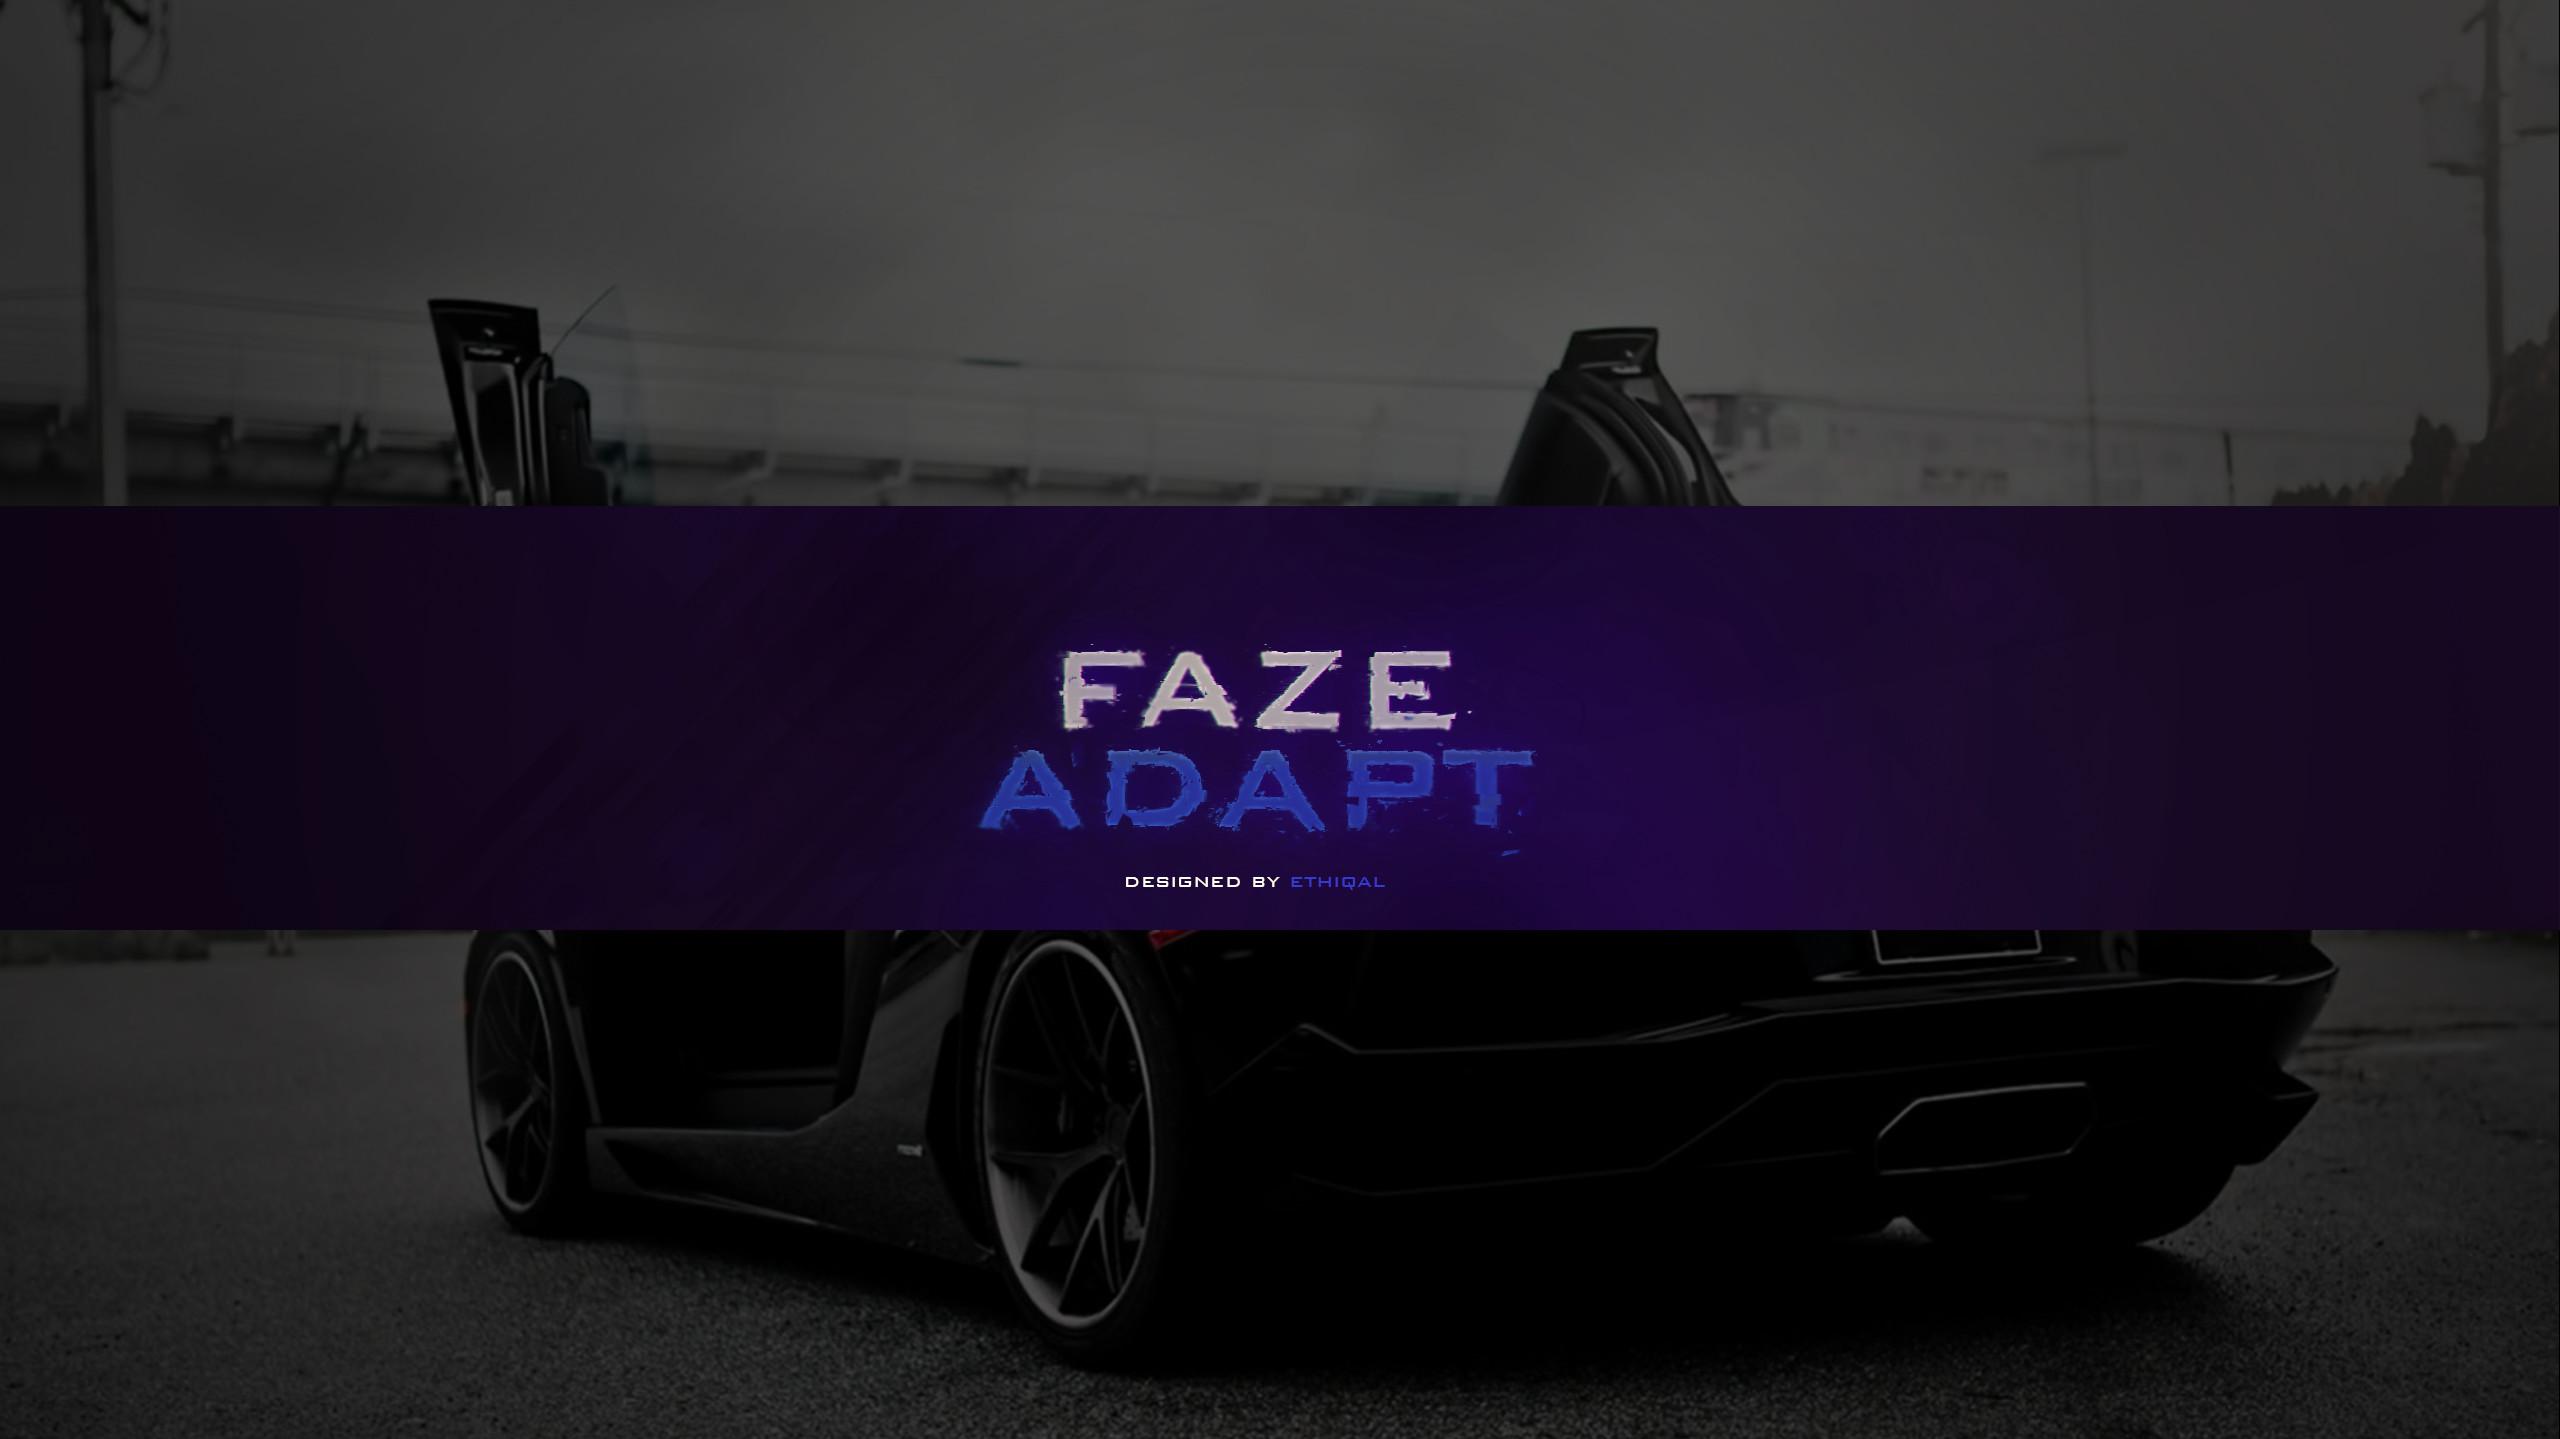 … FaZe Adapt (2D) by Ethiqal